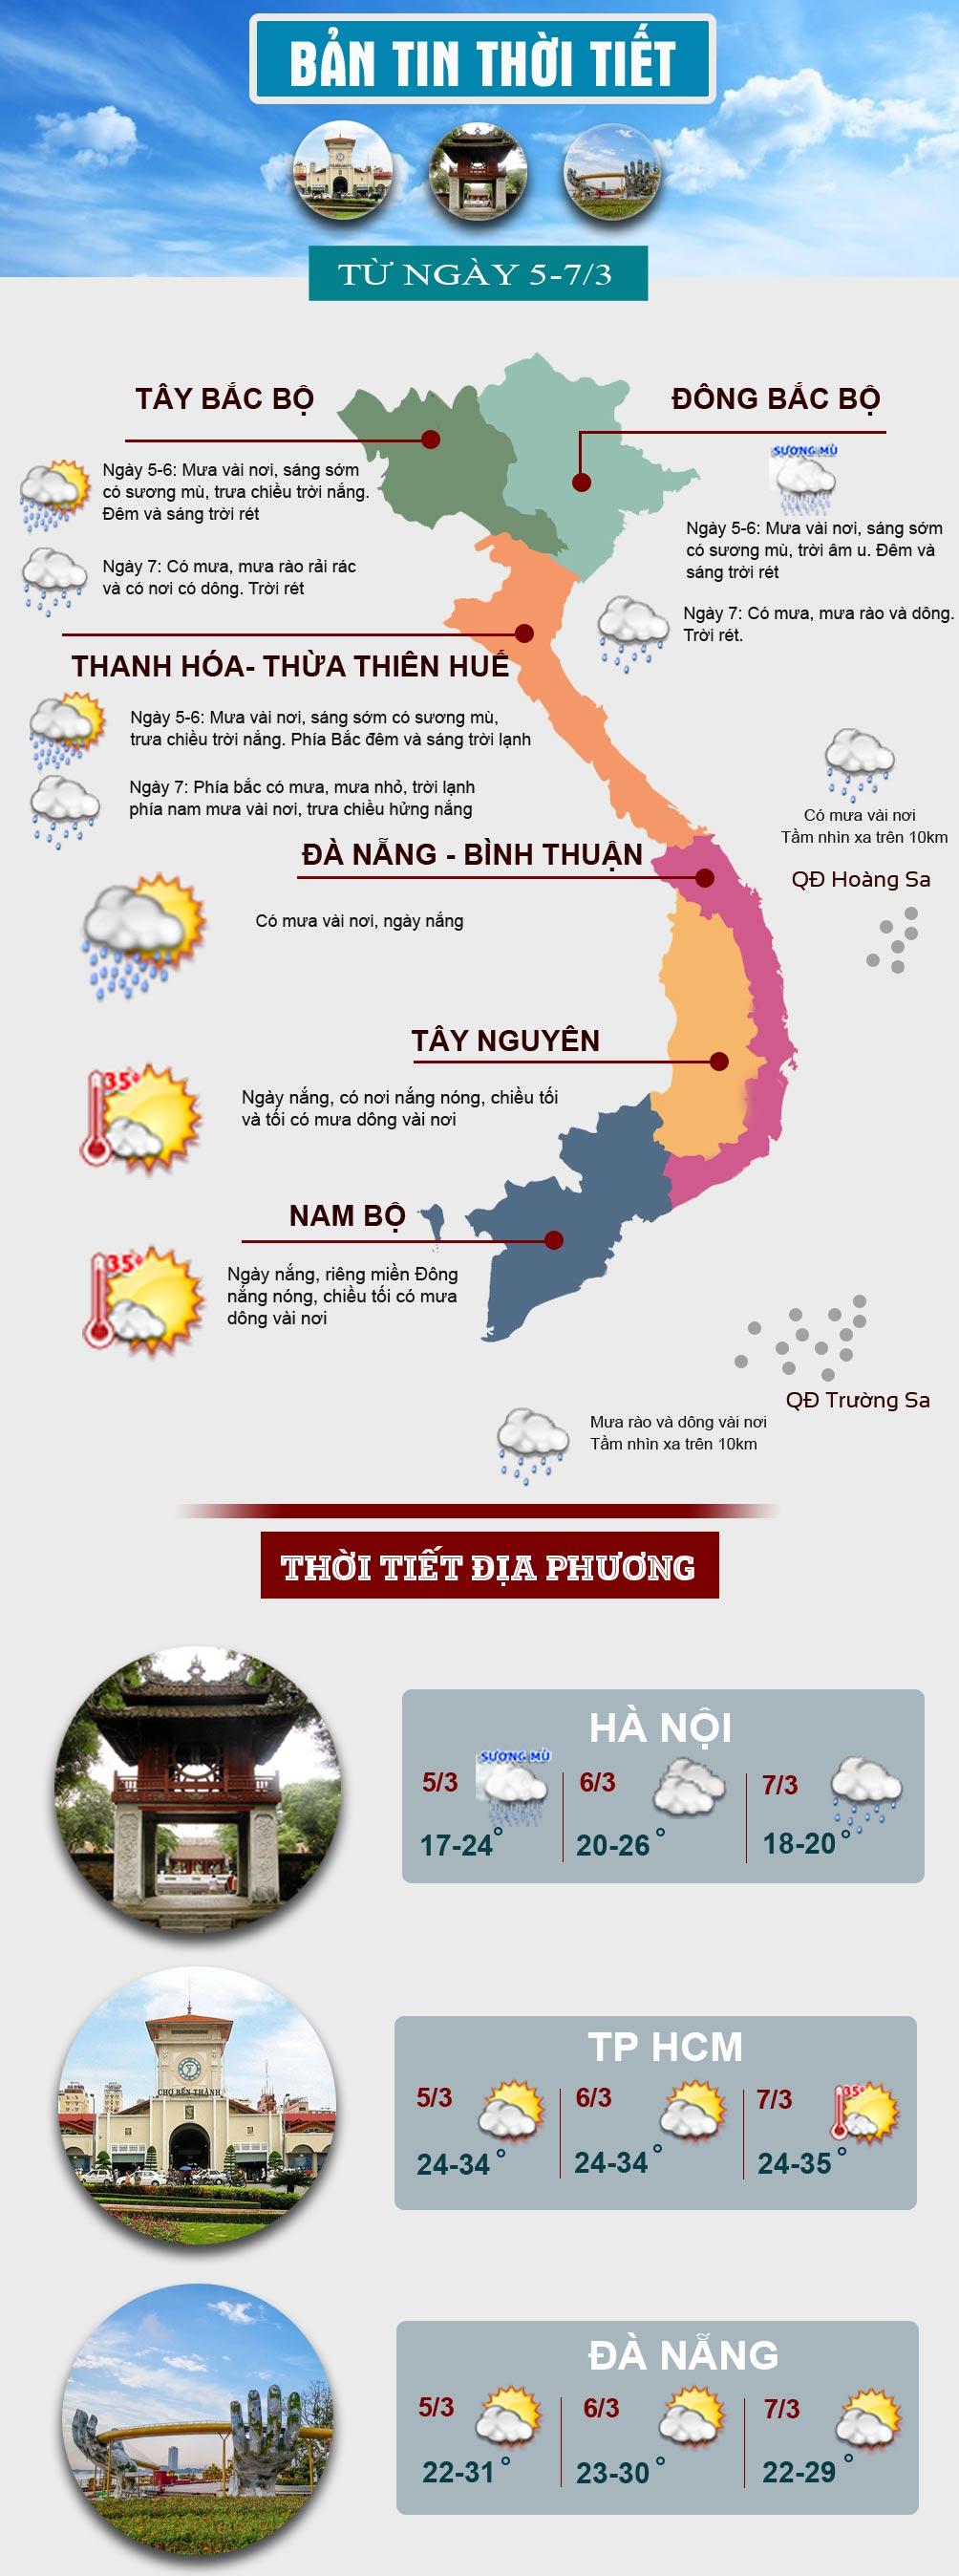 Thời tiết cuối tuần: Miền Bắc nồm ẩm, miền Nam có nơi nắng nóng - 1